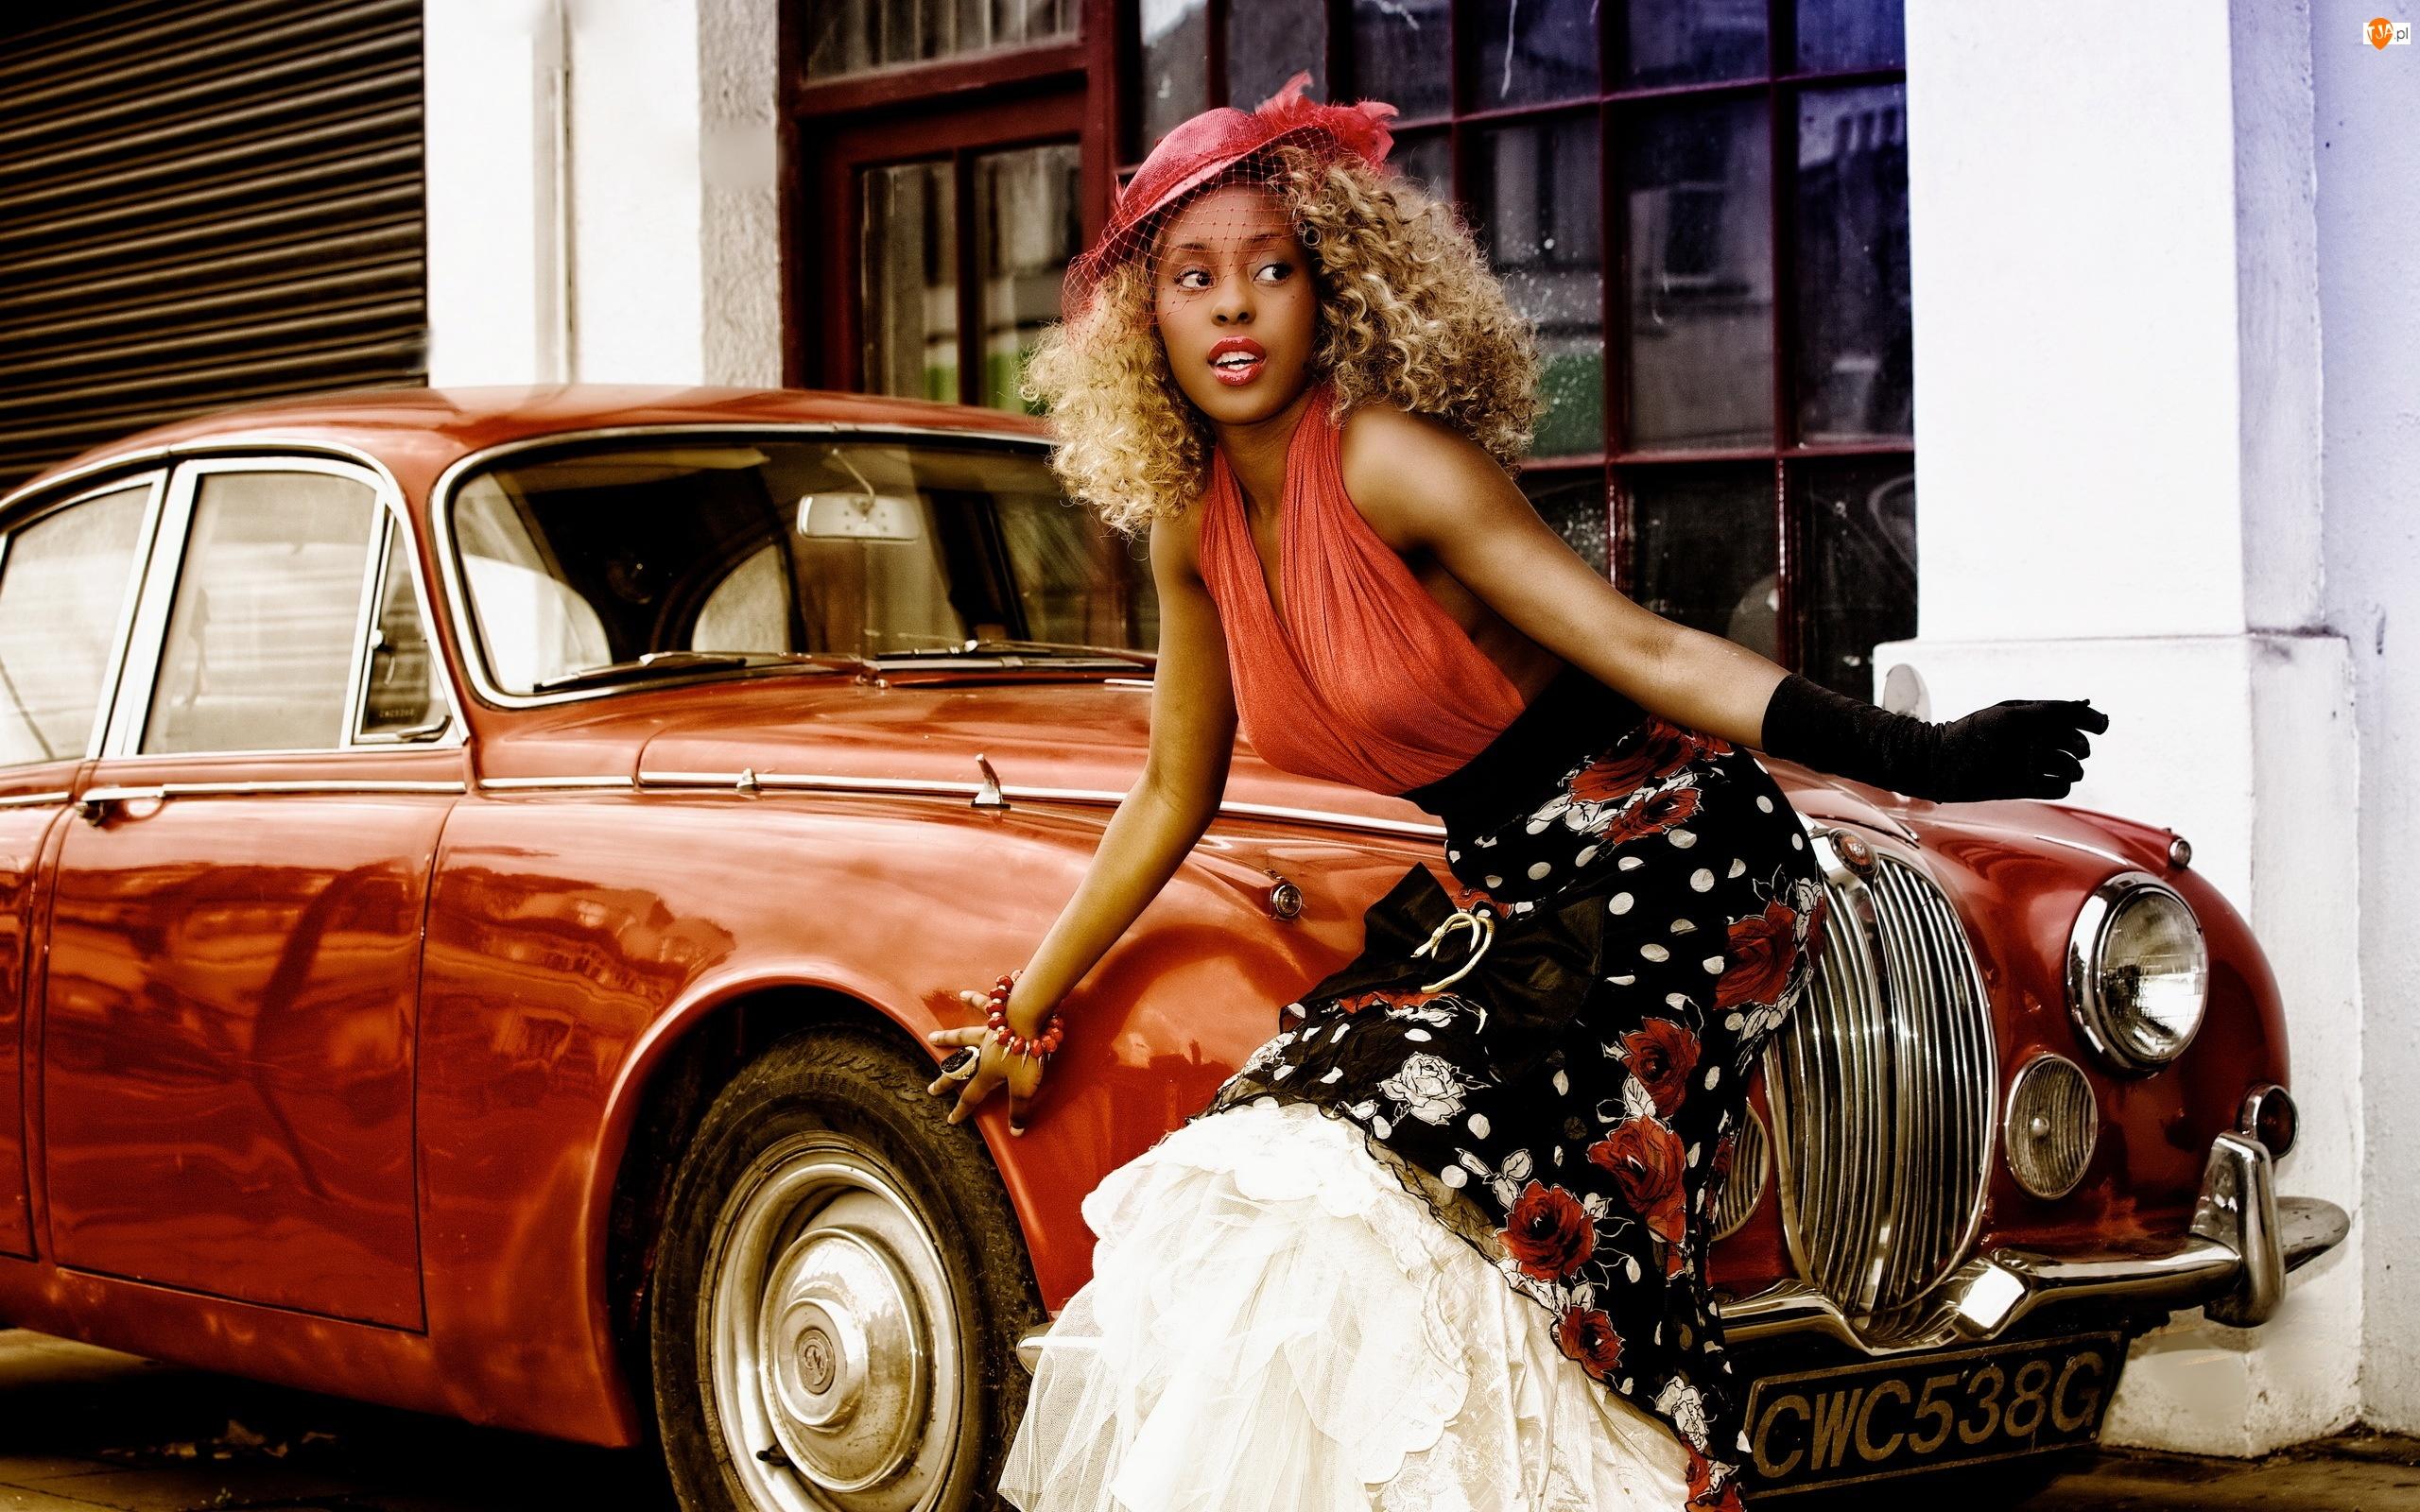 Ciemnoskóra, Samochód, Kobieta, Czerwony